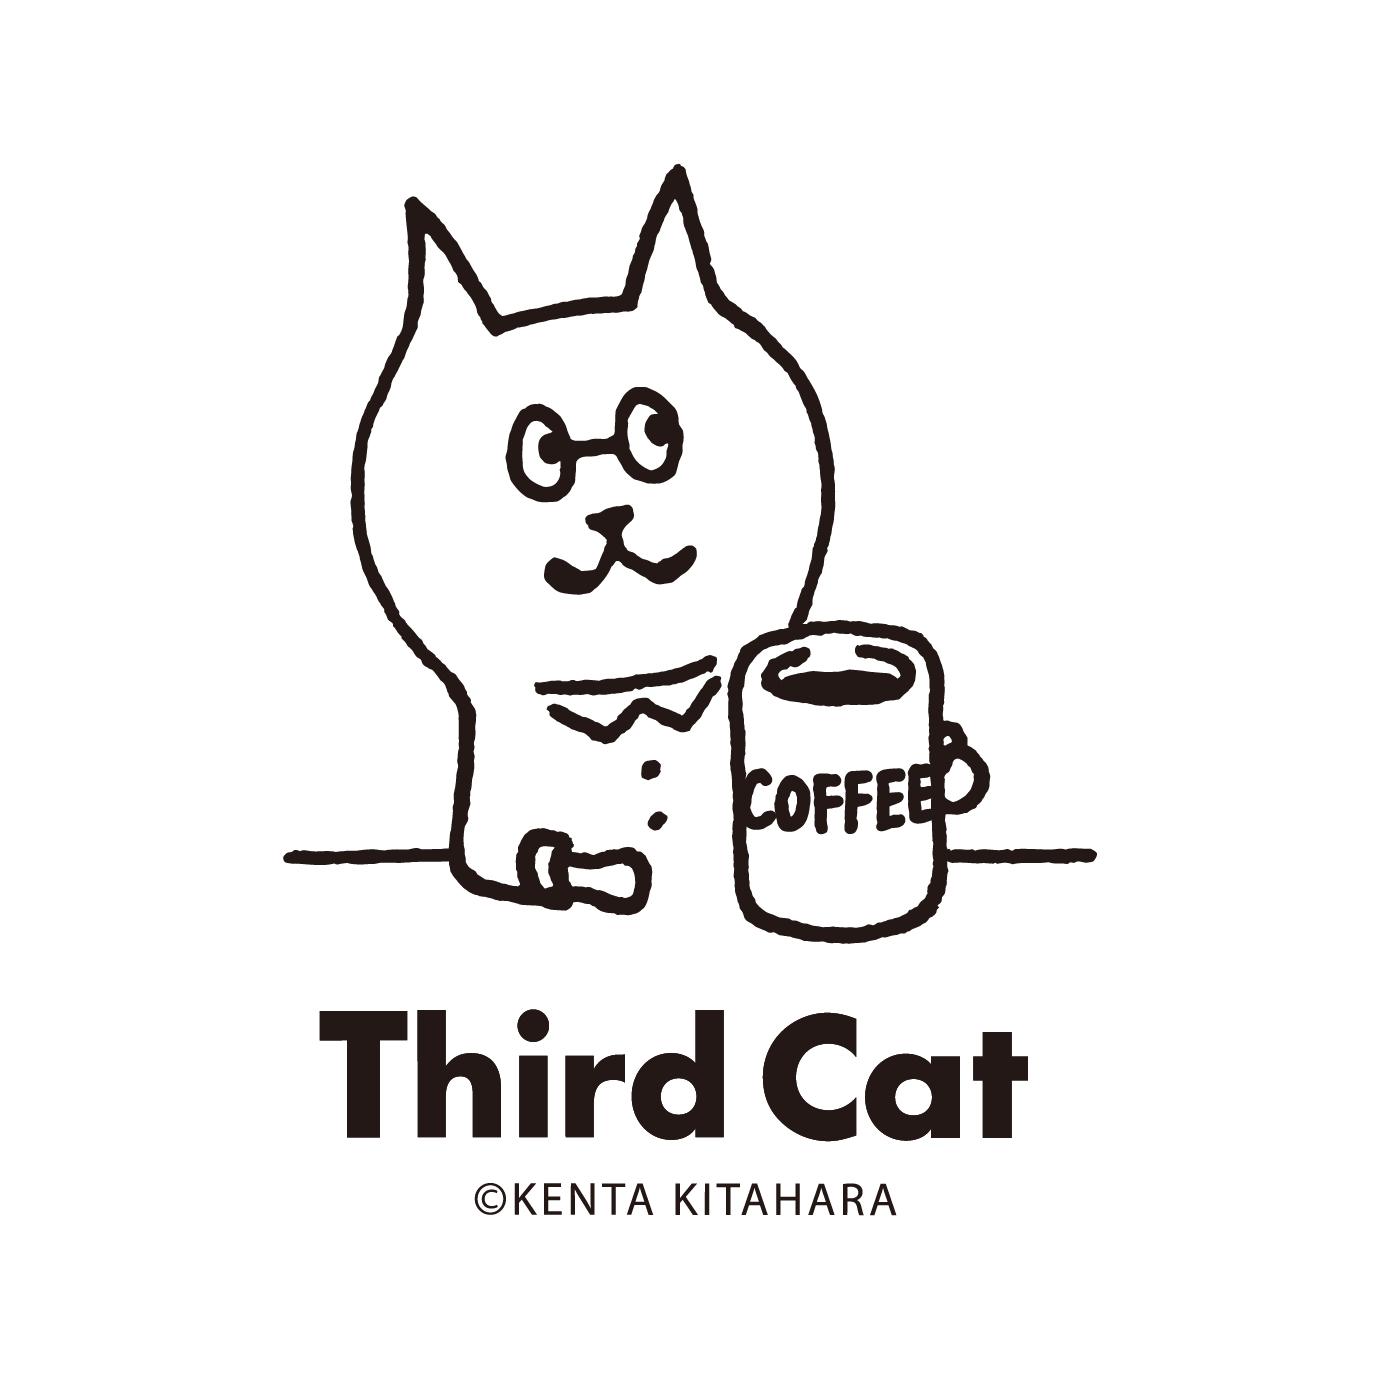 Third Cat